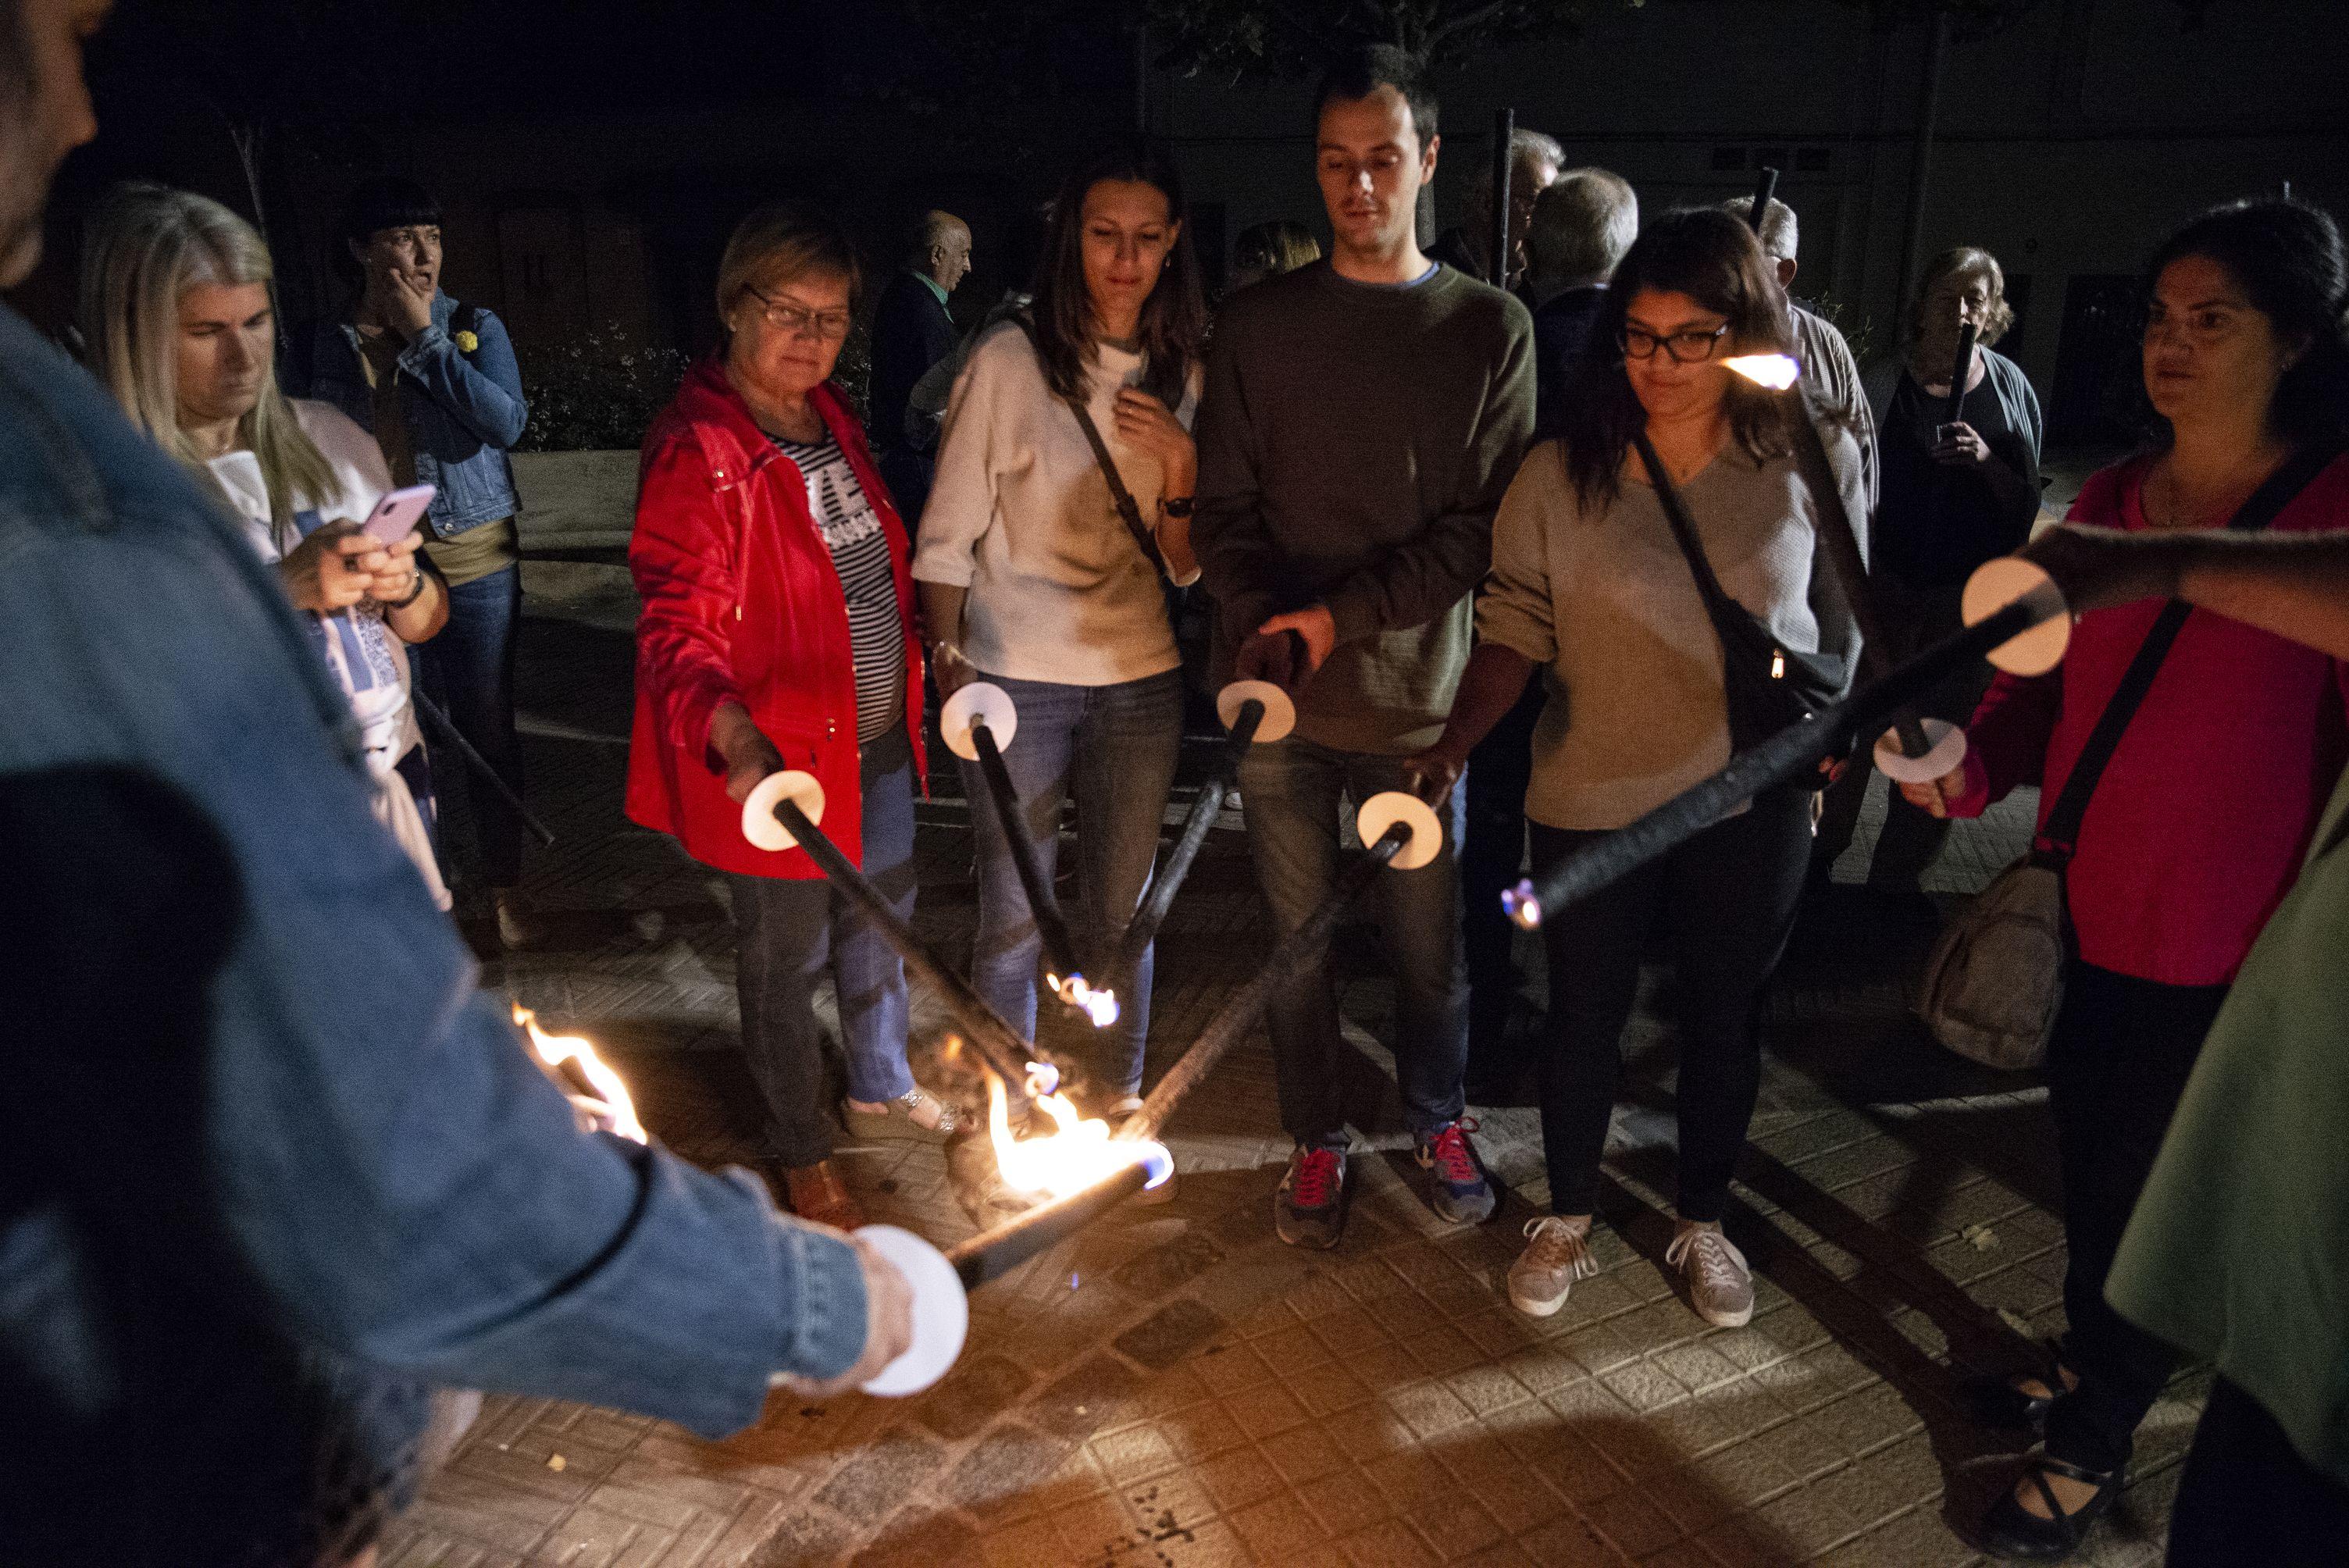 Encenent les torxes a Plaça Catalunya